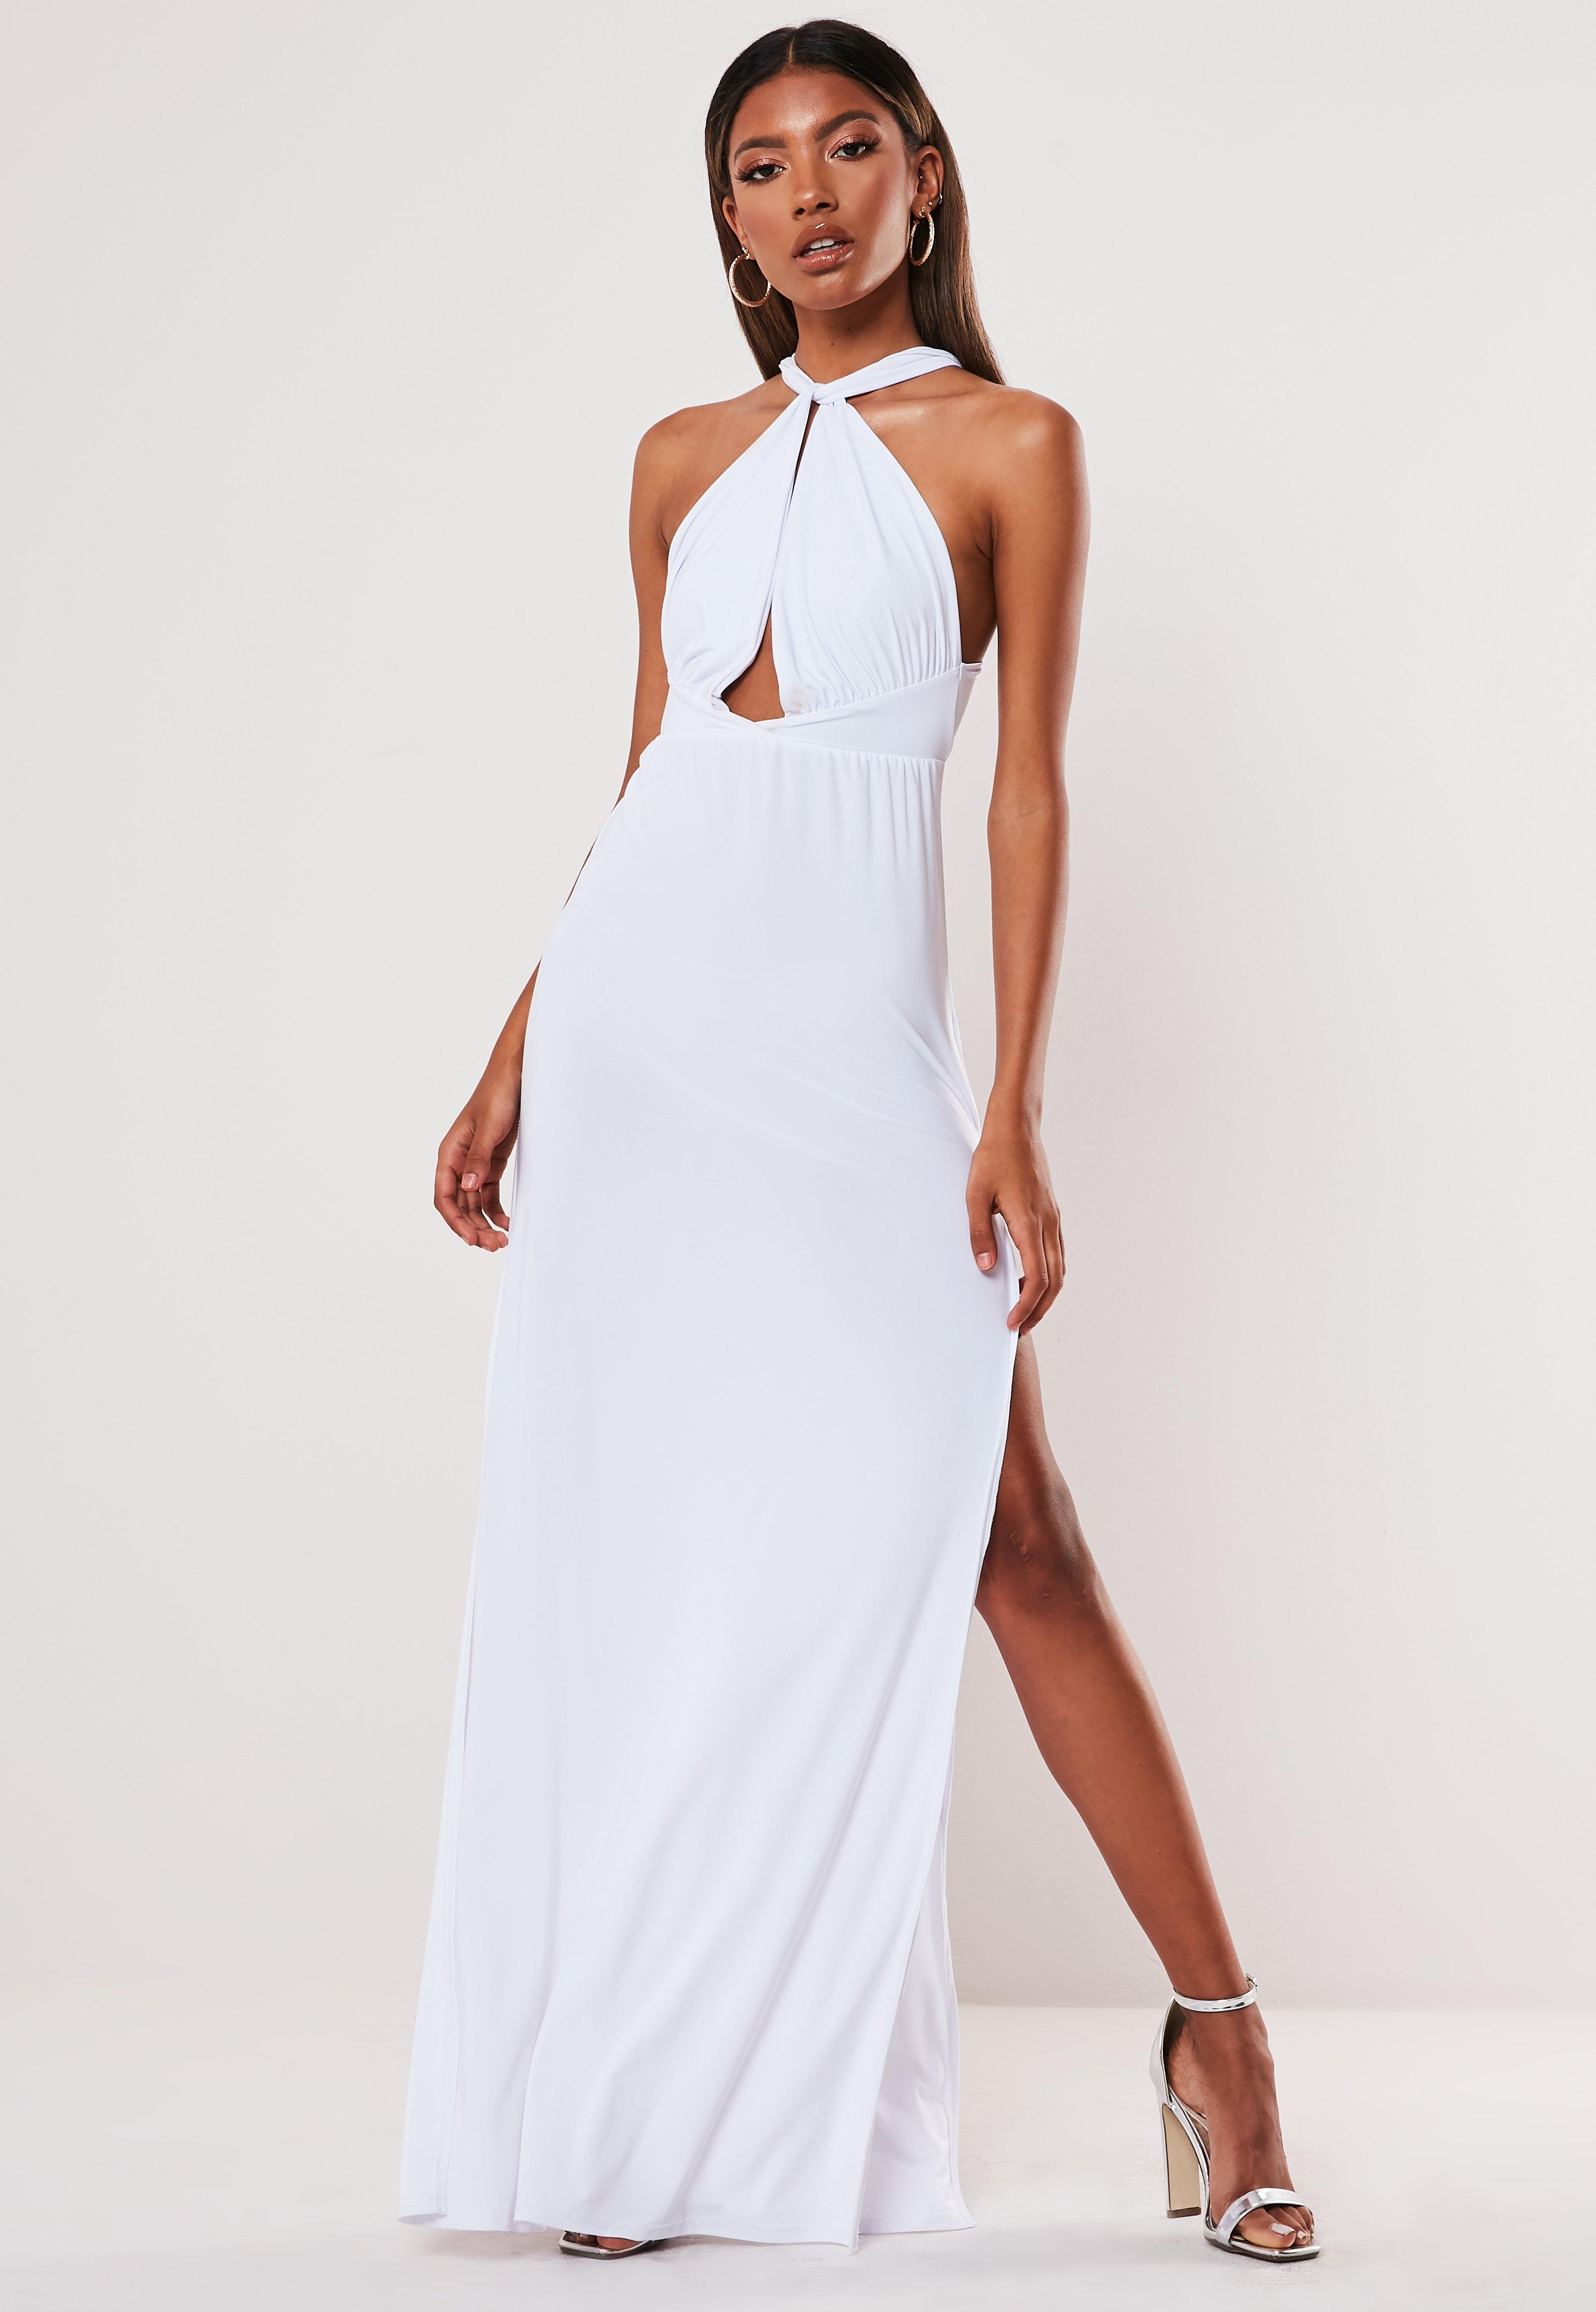 divers design sélectionner pour officiel bébé Robe longue blanche dos nu fluide plongeante avec double fente